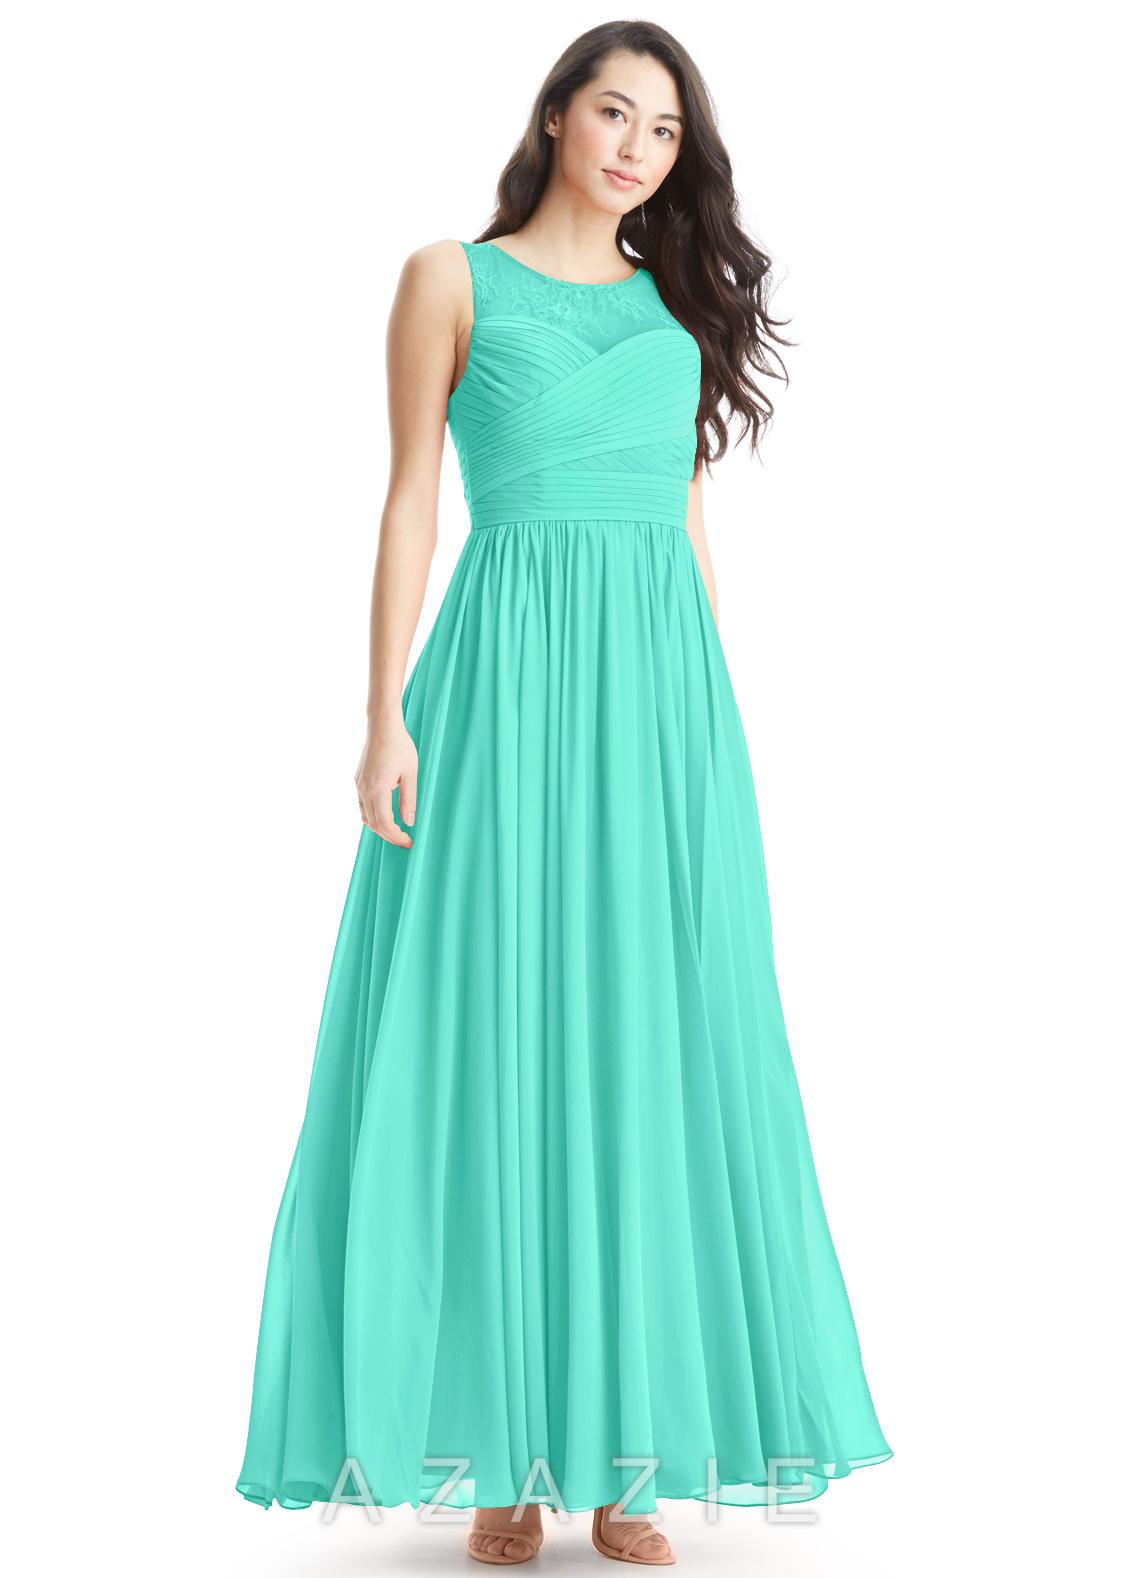 Azazie Aliya Bridesmaid Dress | Azazie